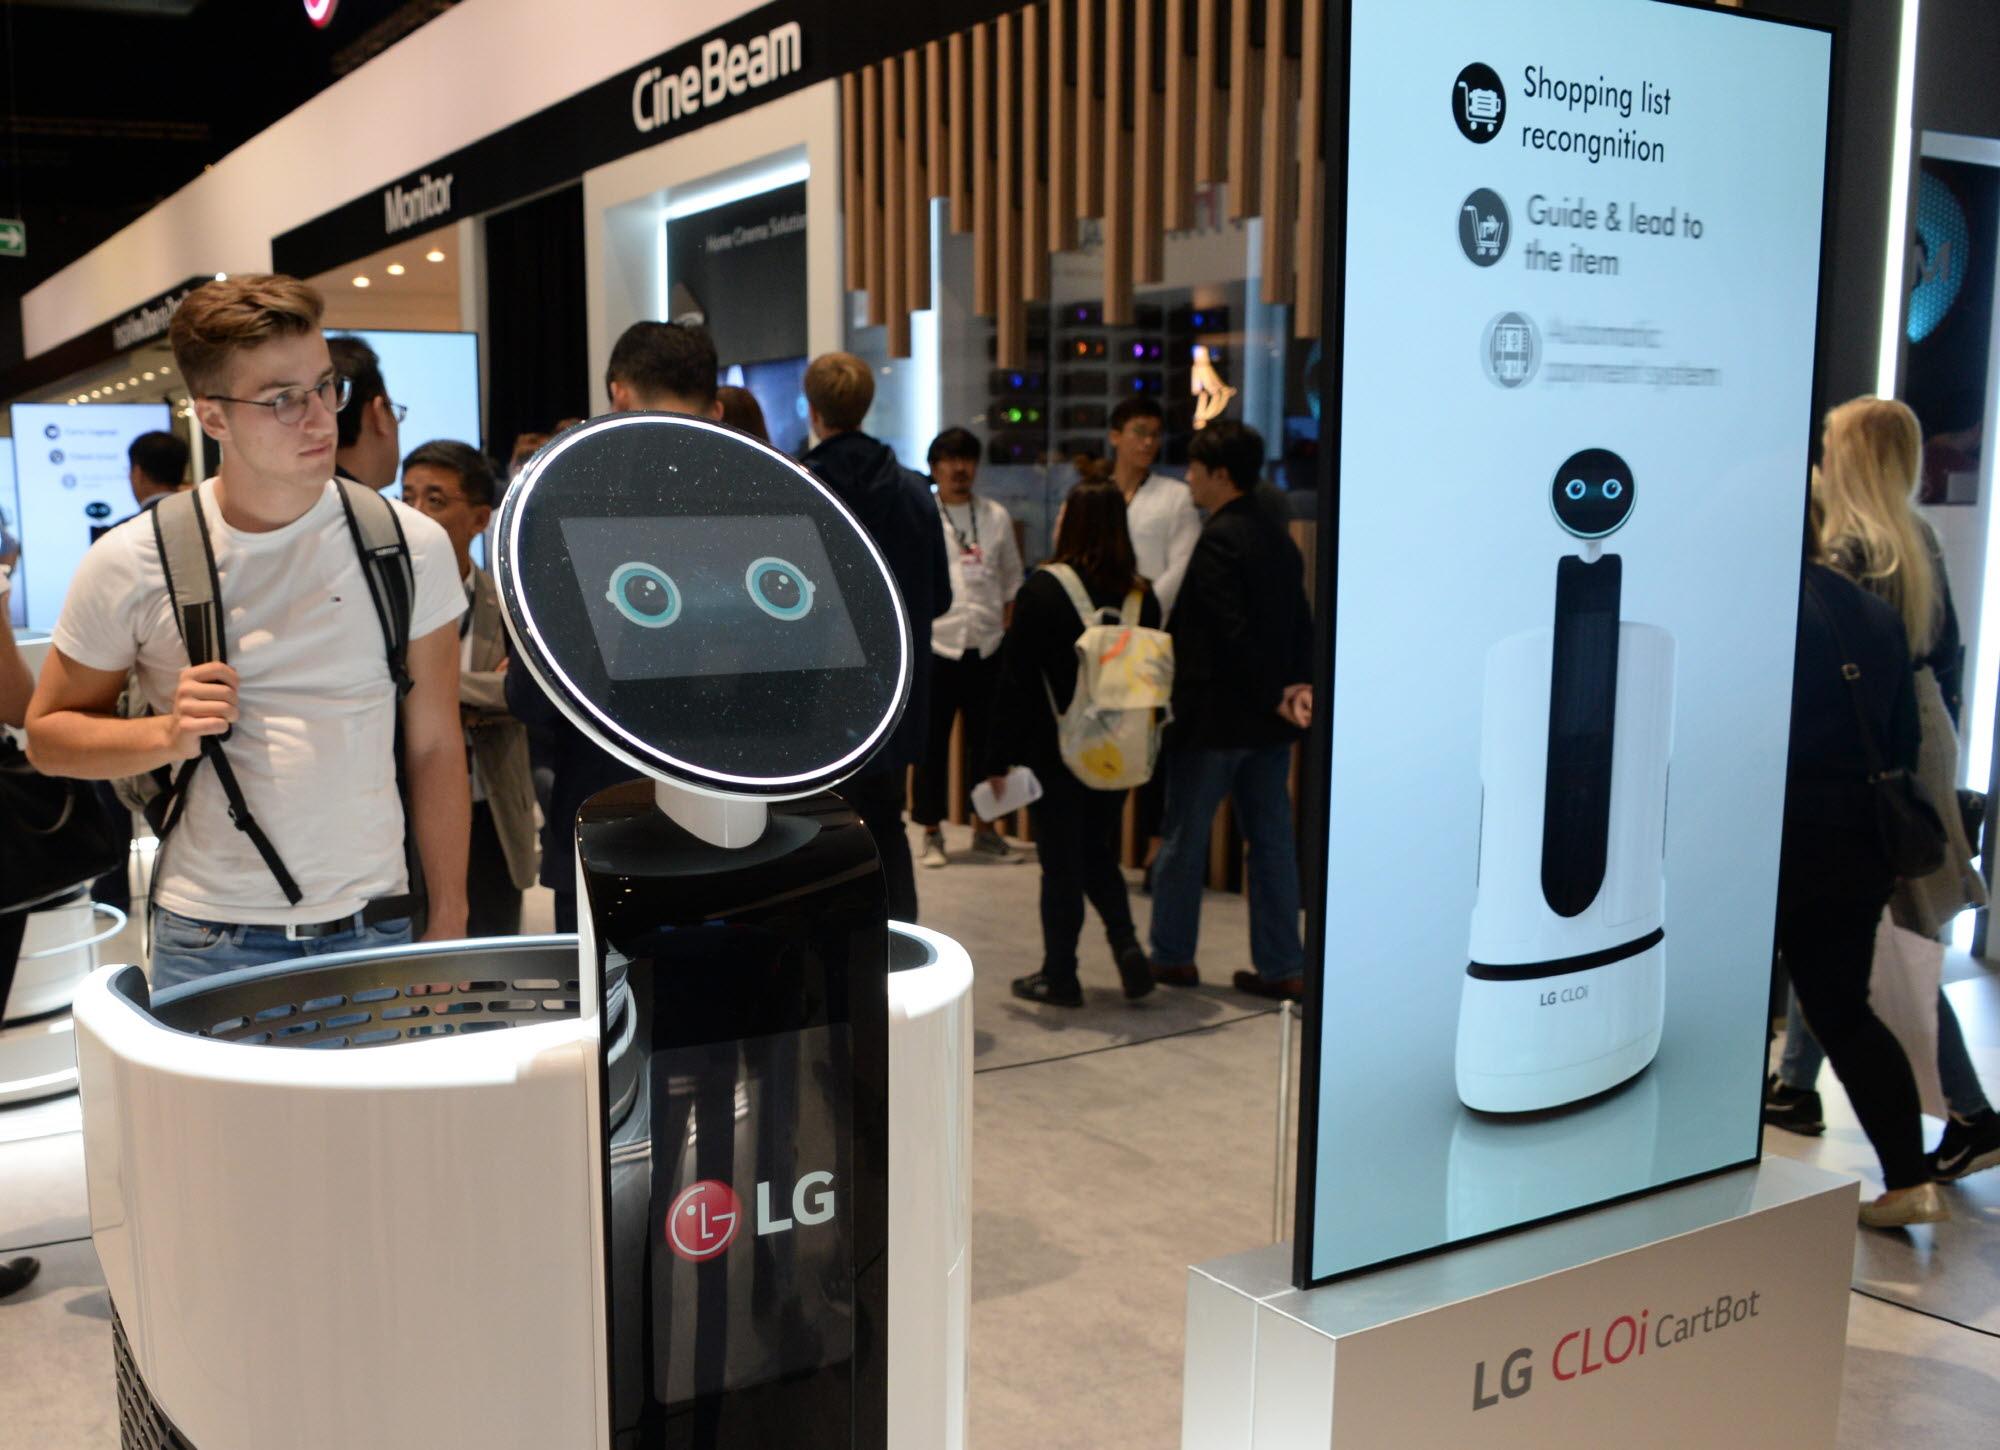 [CEO 현장을 뛴다 #2] LG 로봇의 미래? 힌트는 '투자'와 '협력'